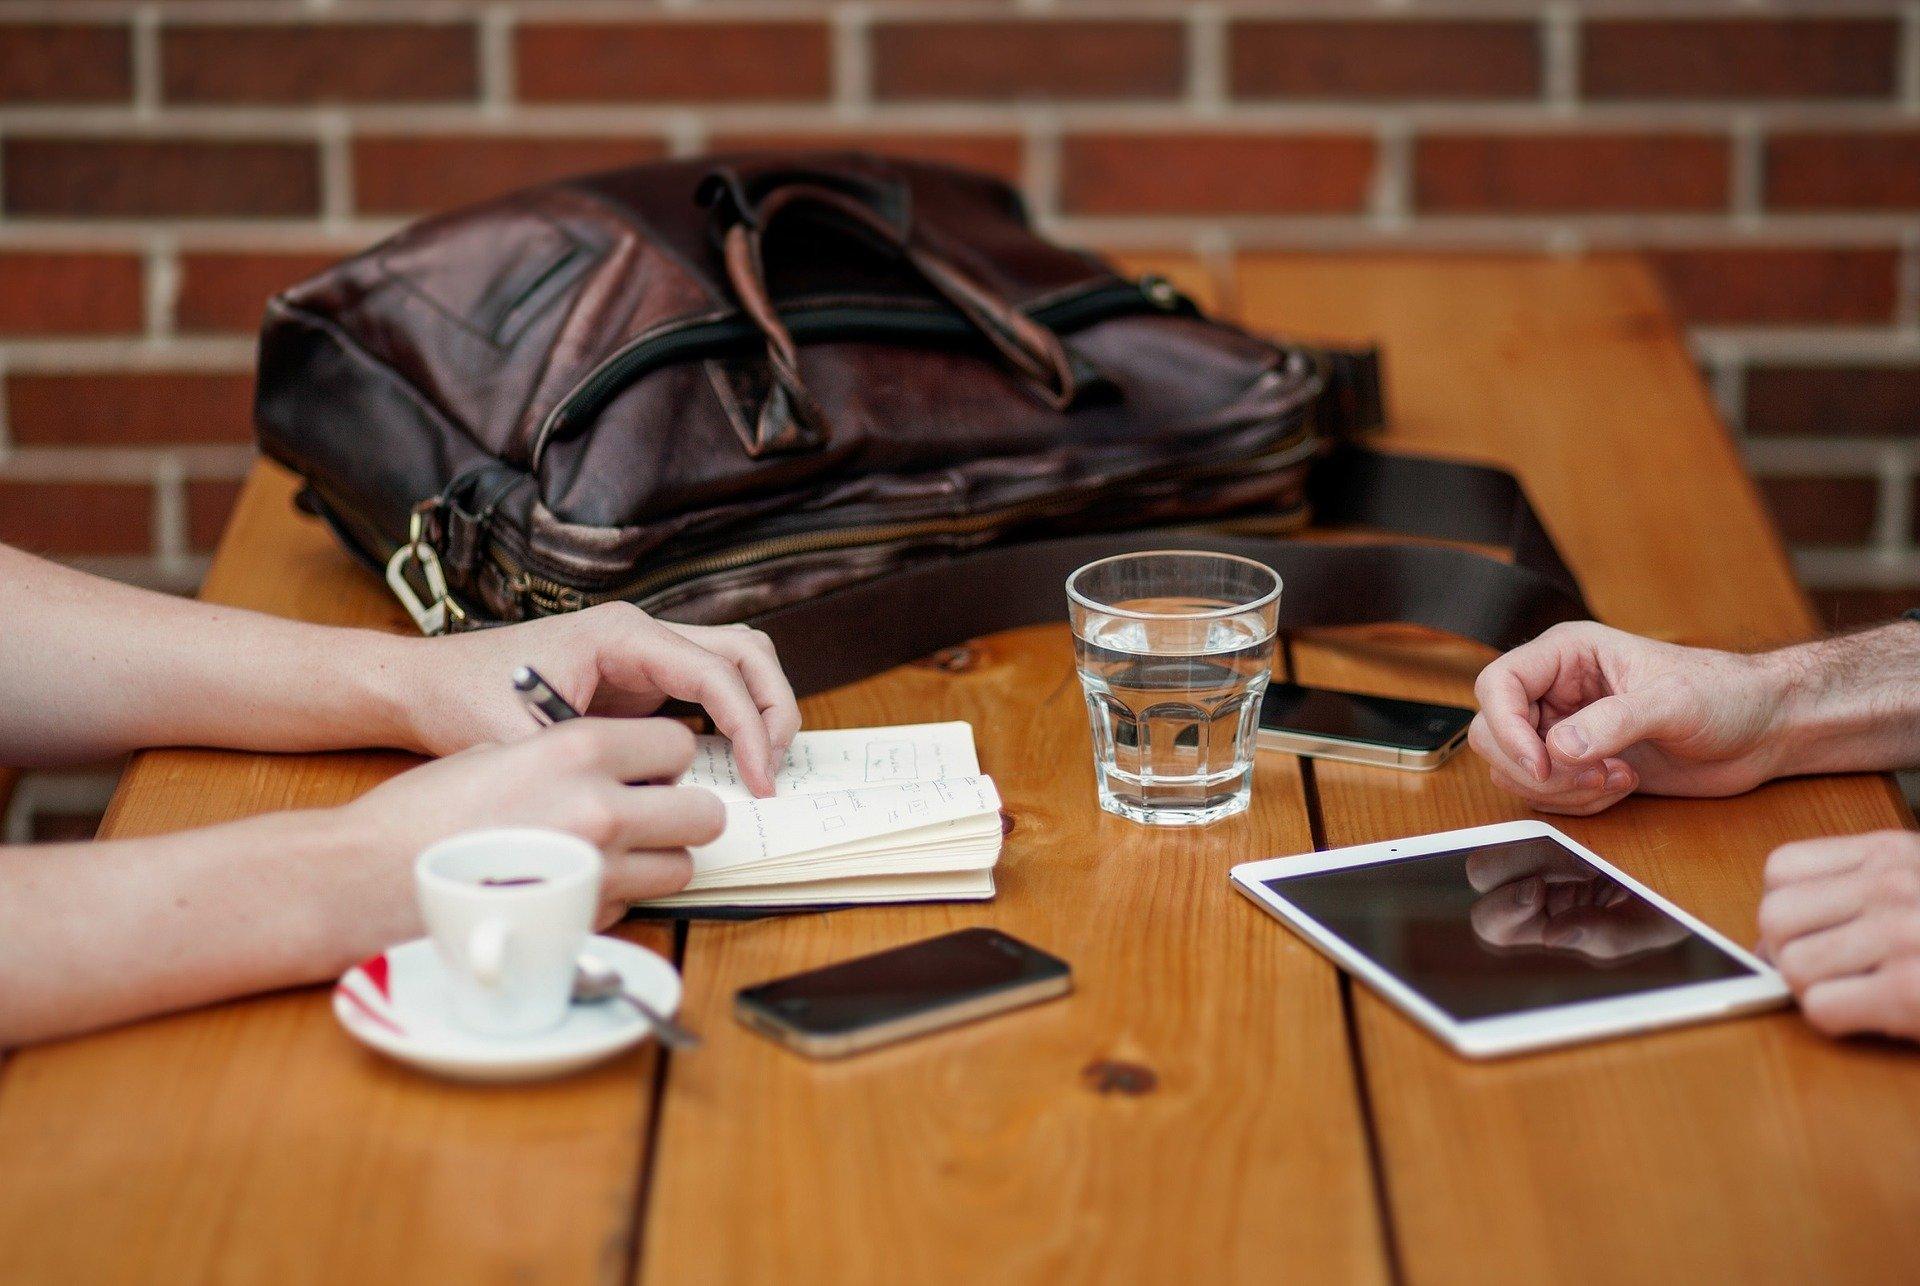 Decálogo de networking de Breaking into Finance